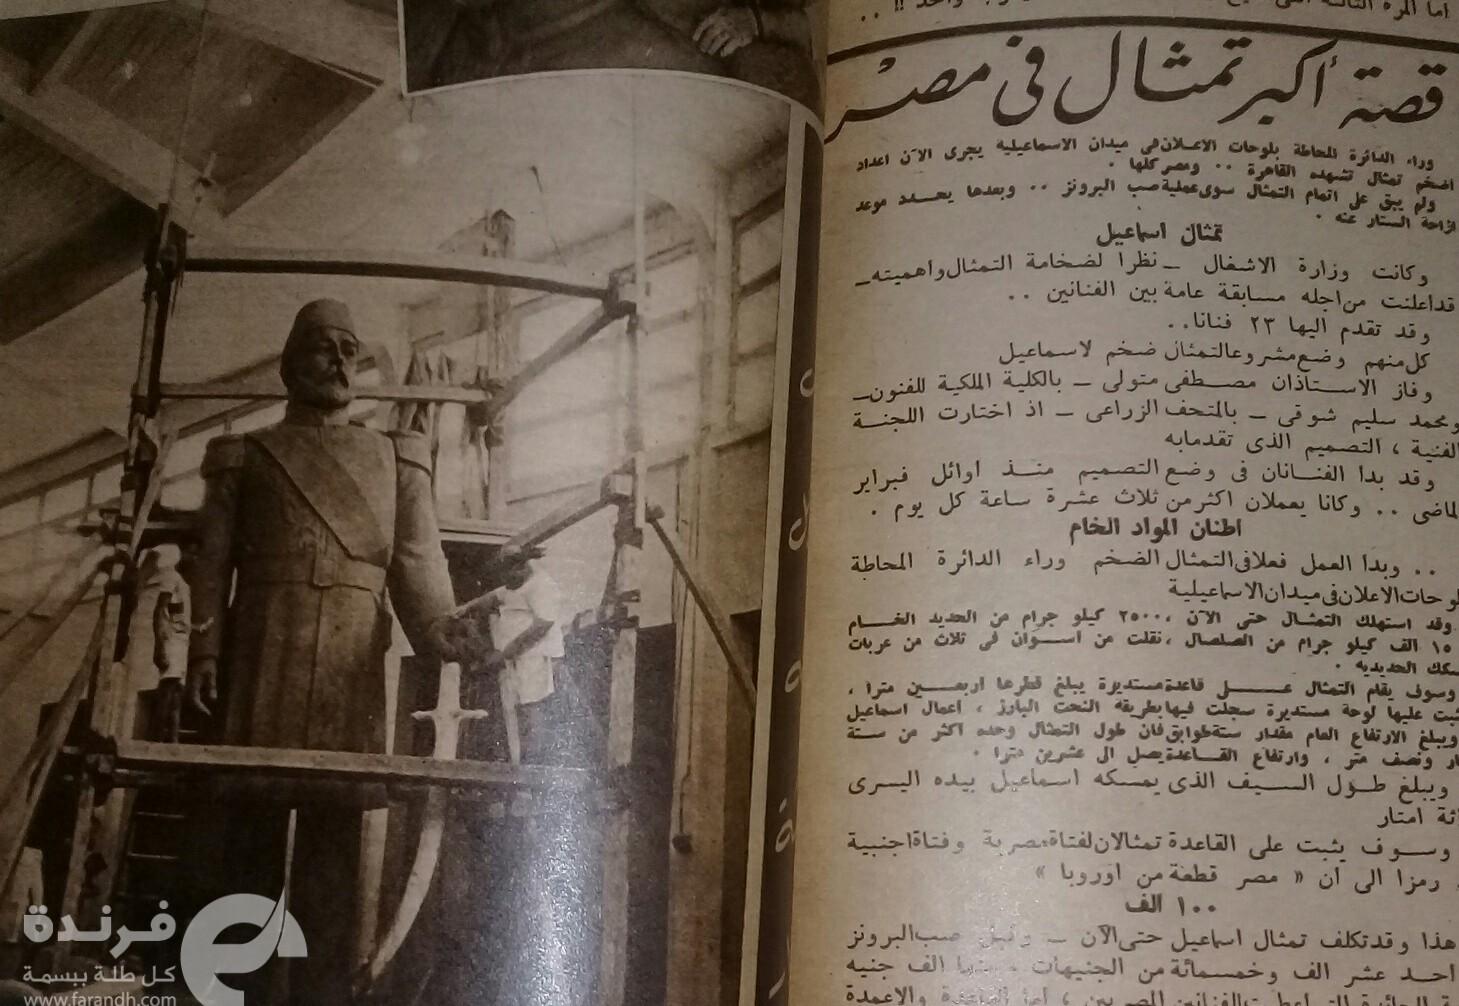 أكبر تمثال في مصر